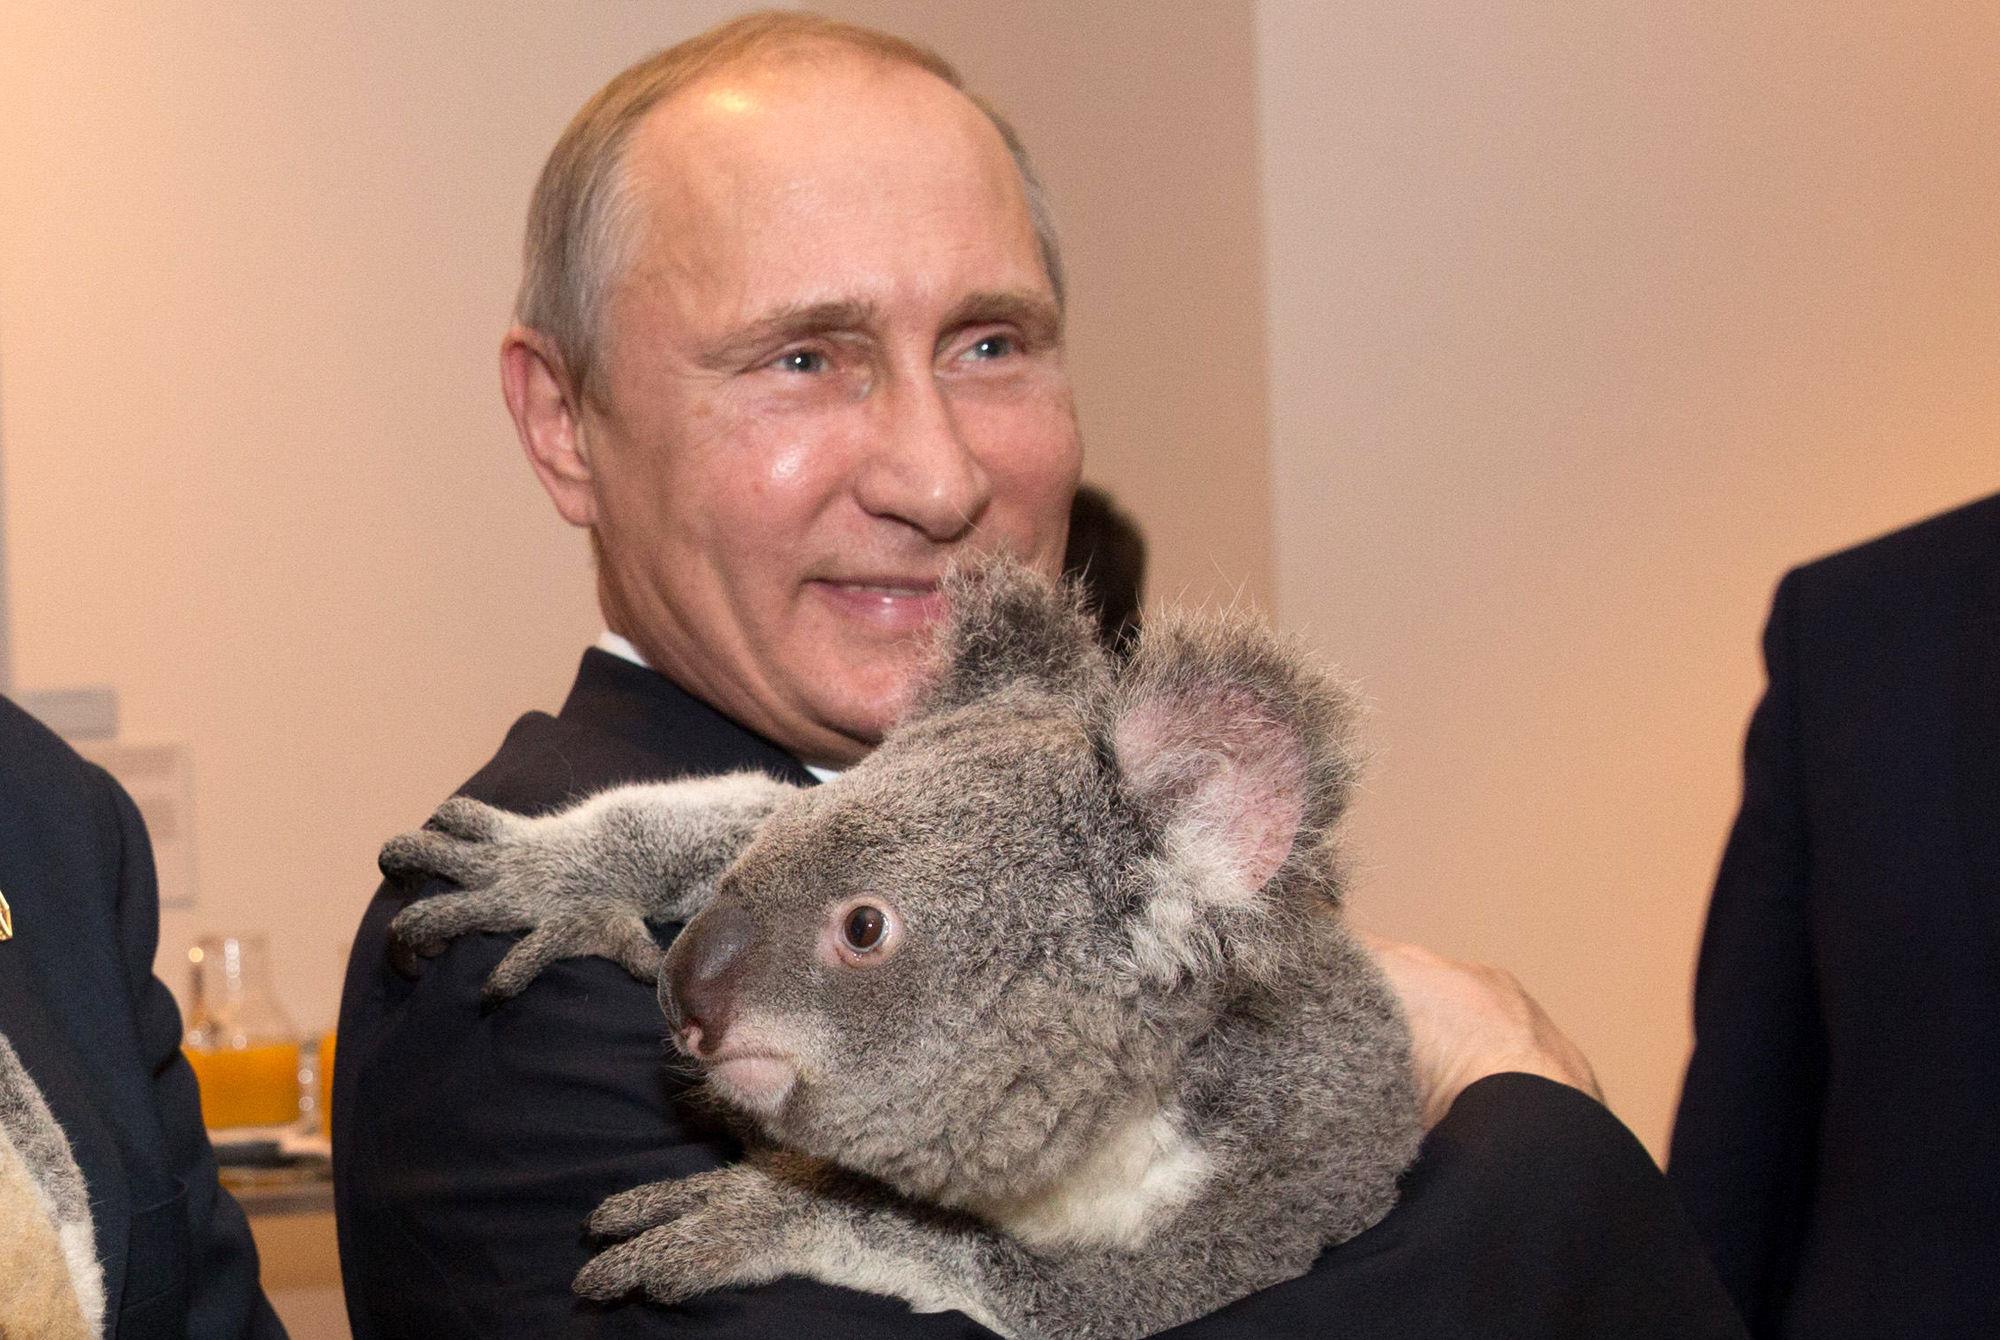 Putin va a conquistar Europa entera. Sus tropas ya están en tu país. ¿Cómo te preparas?